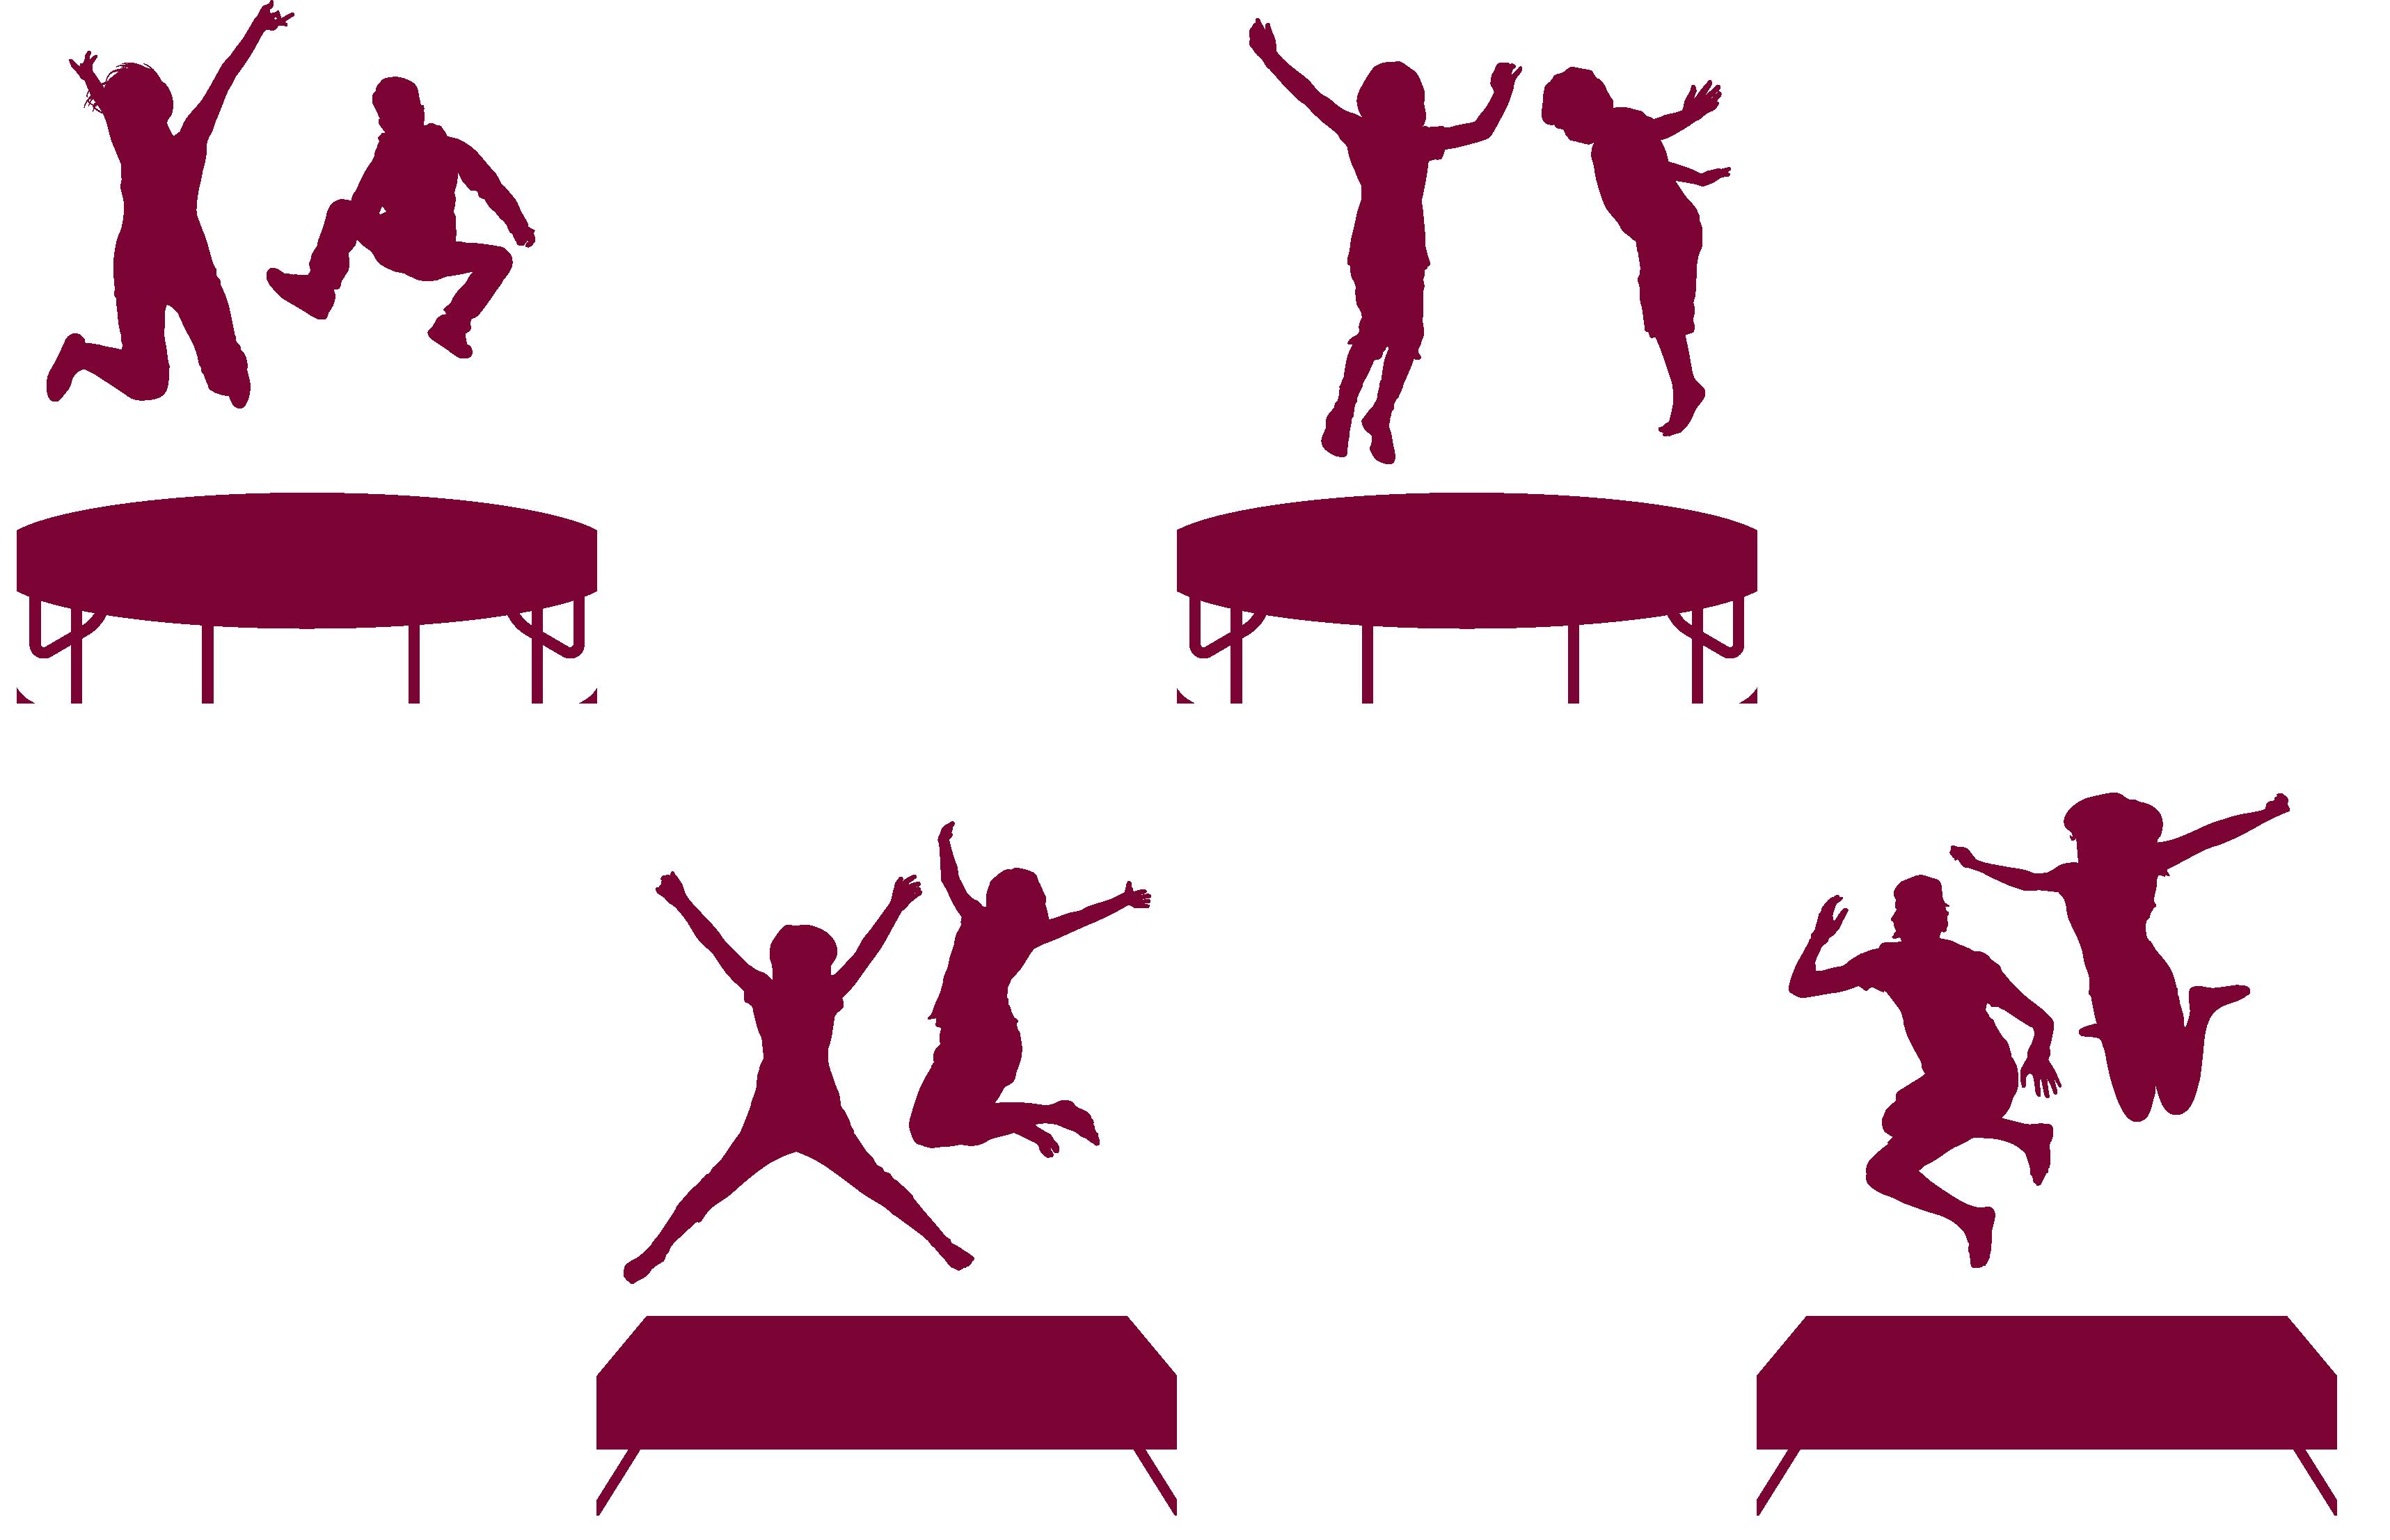 3434x2213 Trampoline Trampolining Jumping Clip Art